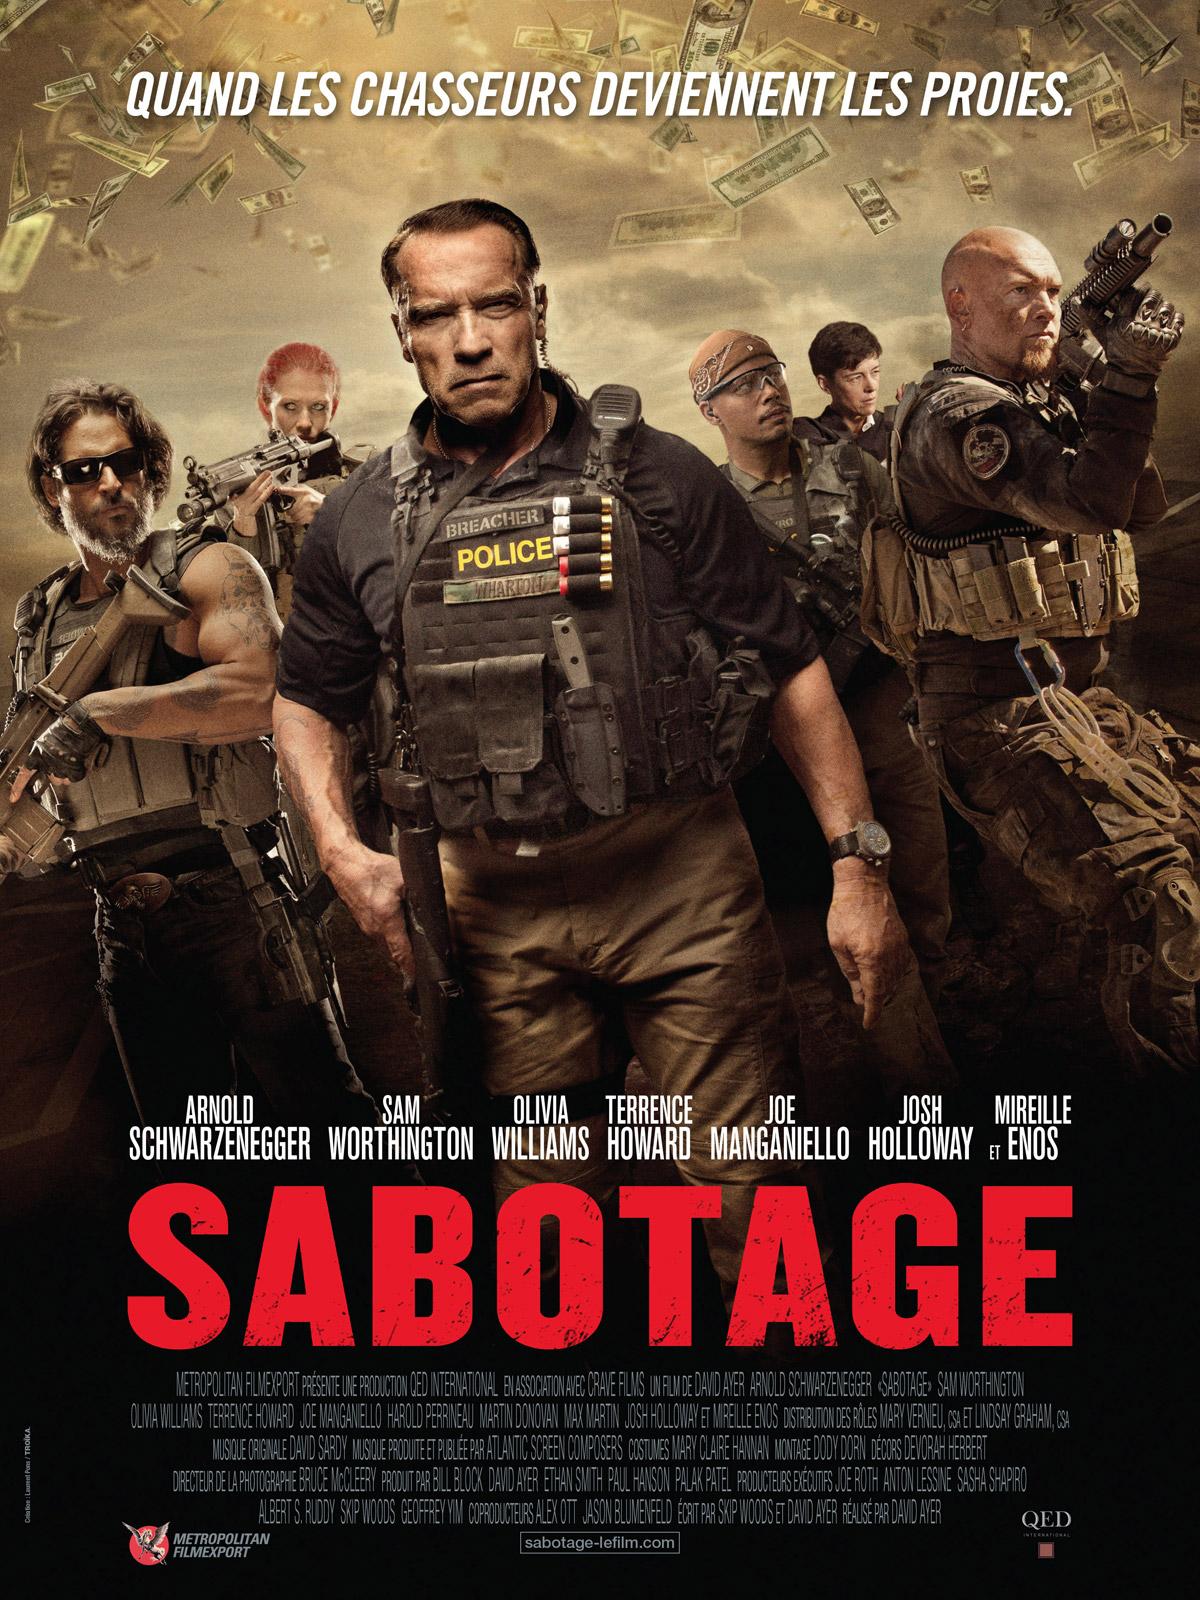 Sabotage DVDrip uptobox